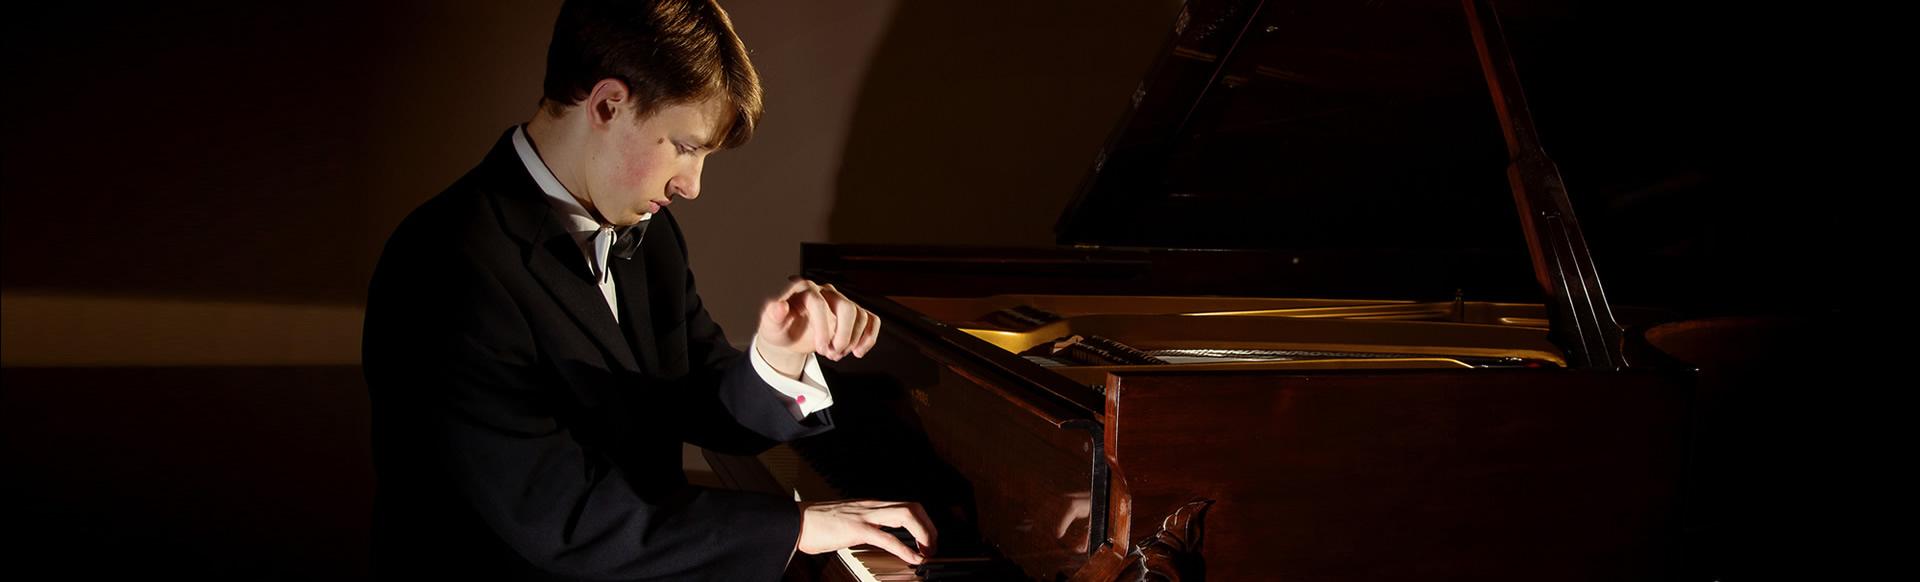 Julian Trevelyan performing